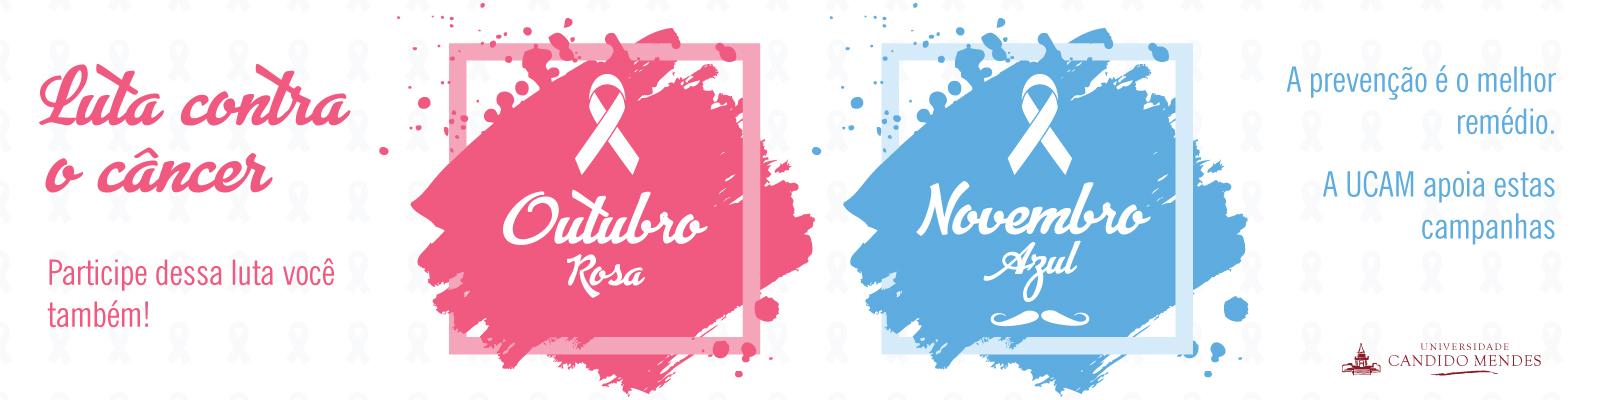 Banner Home Principal - Outubro rosa e Novembro Azul